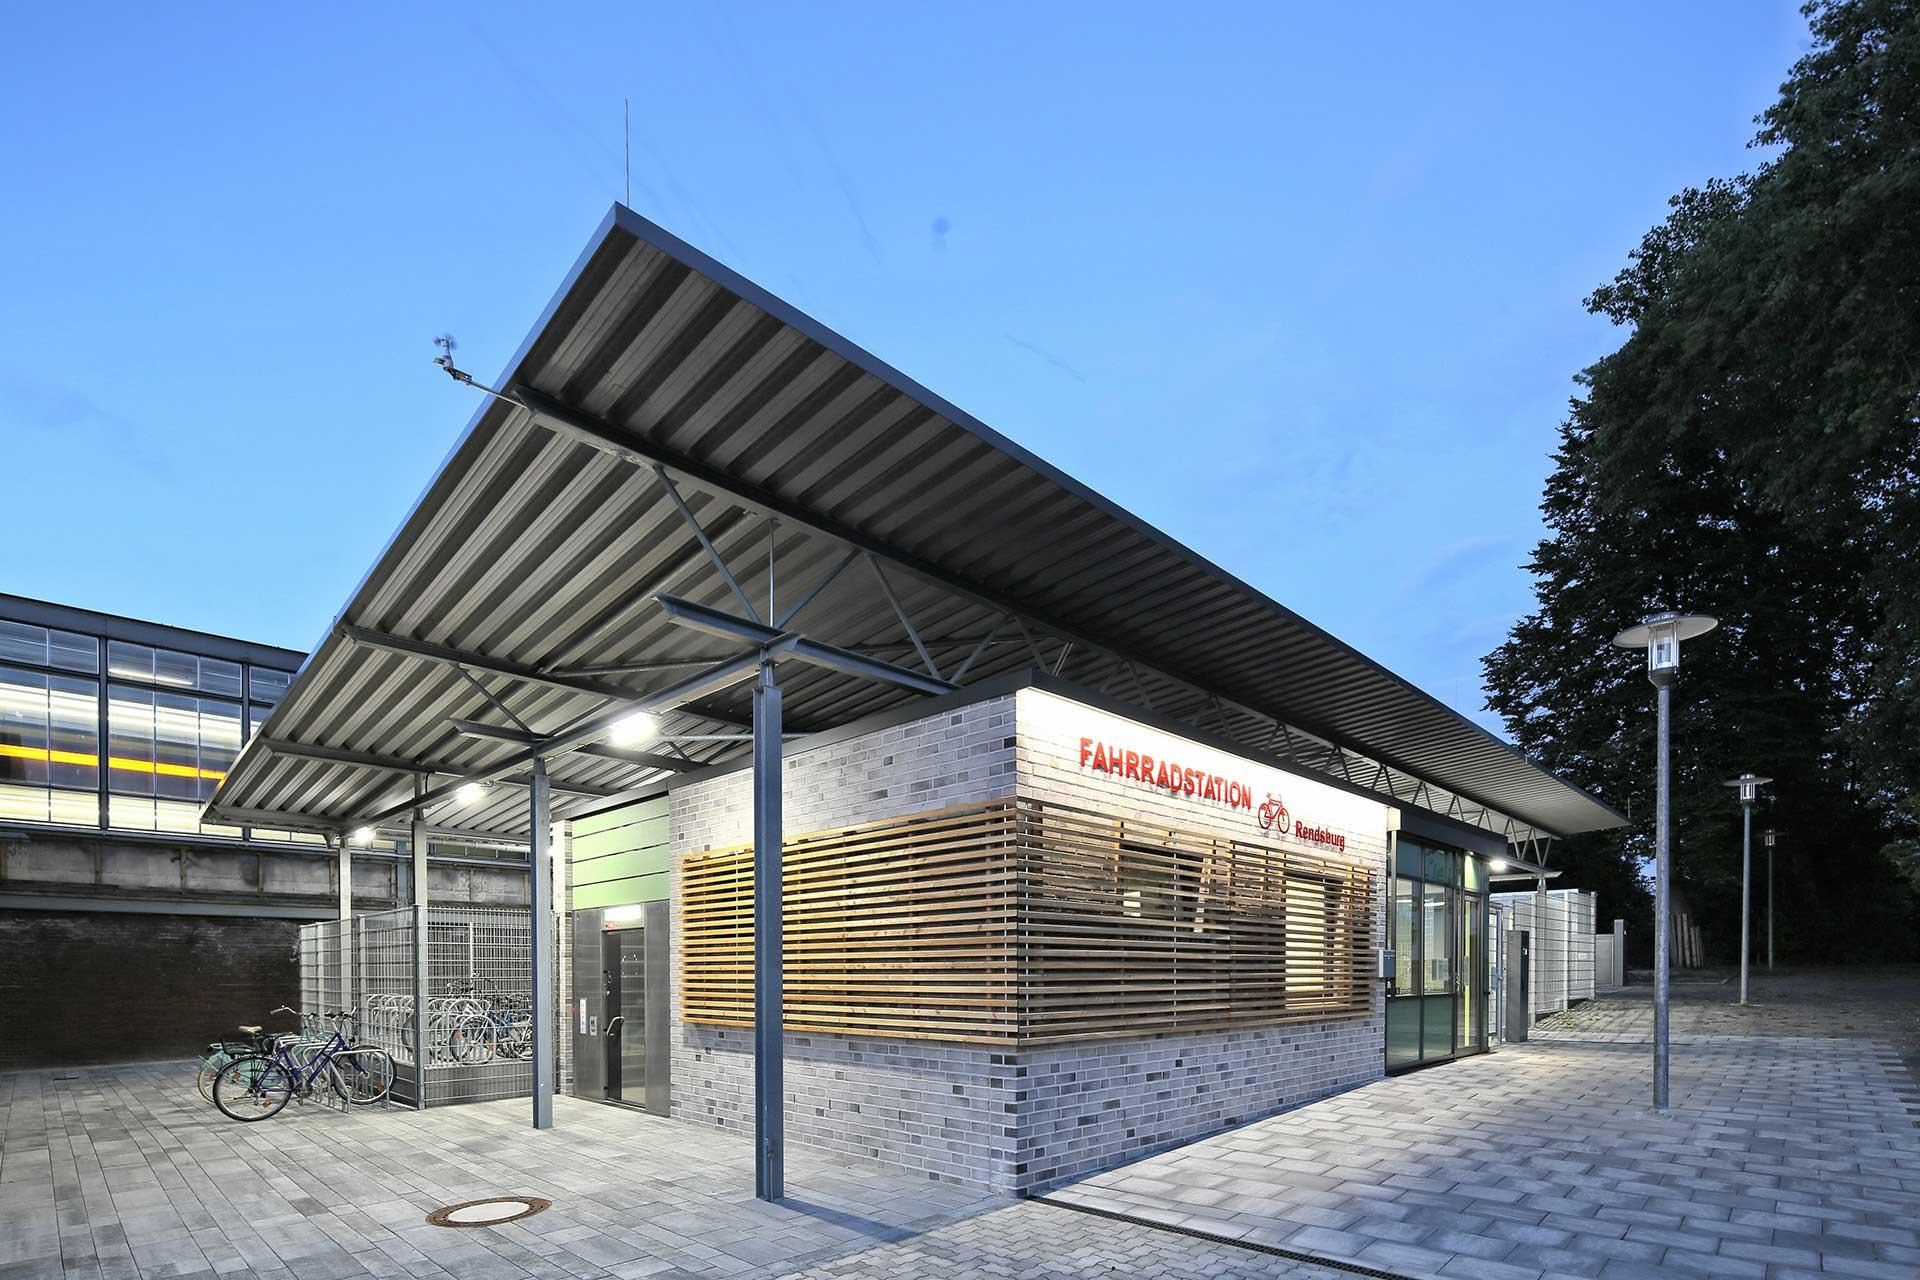 01-janiak-lippert_Fahrradstation-Rendsburg